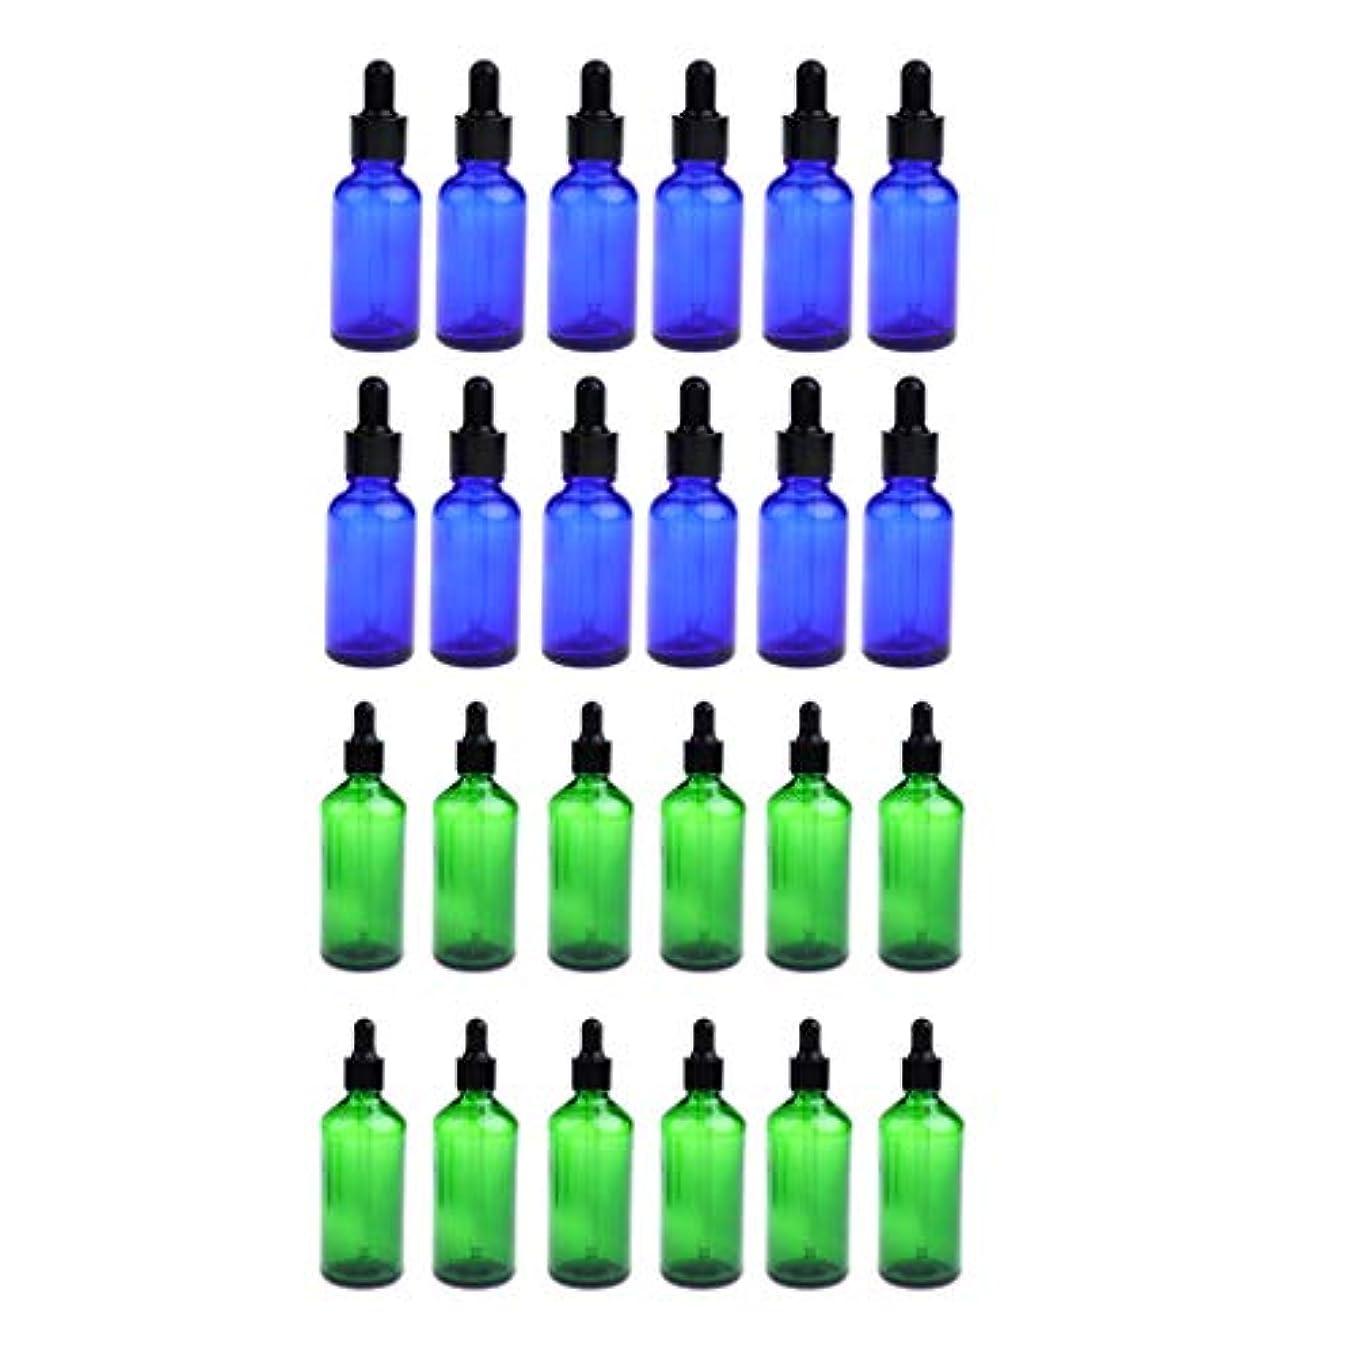 スキップ樹木嫌がらせ24個 ガラス瓶 アロマボトル 空のボトル 精油瓶 遮光ビン エッセンシャルオイル 詰替え 液体容器 30ミリ 緑+青